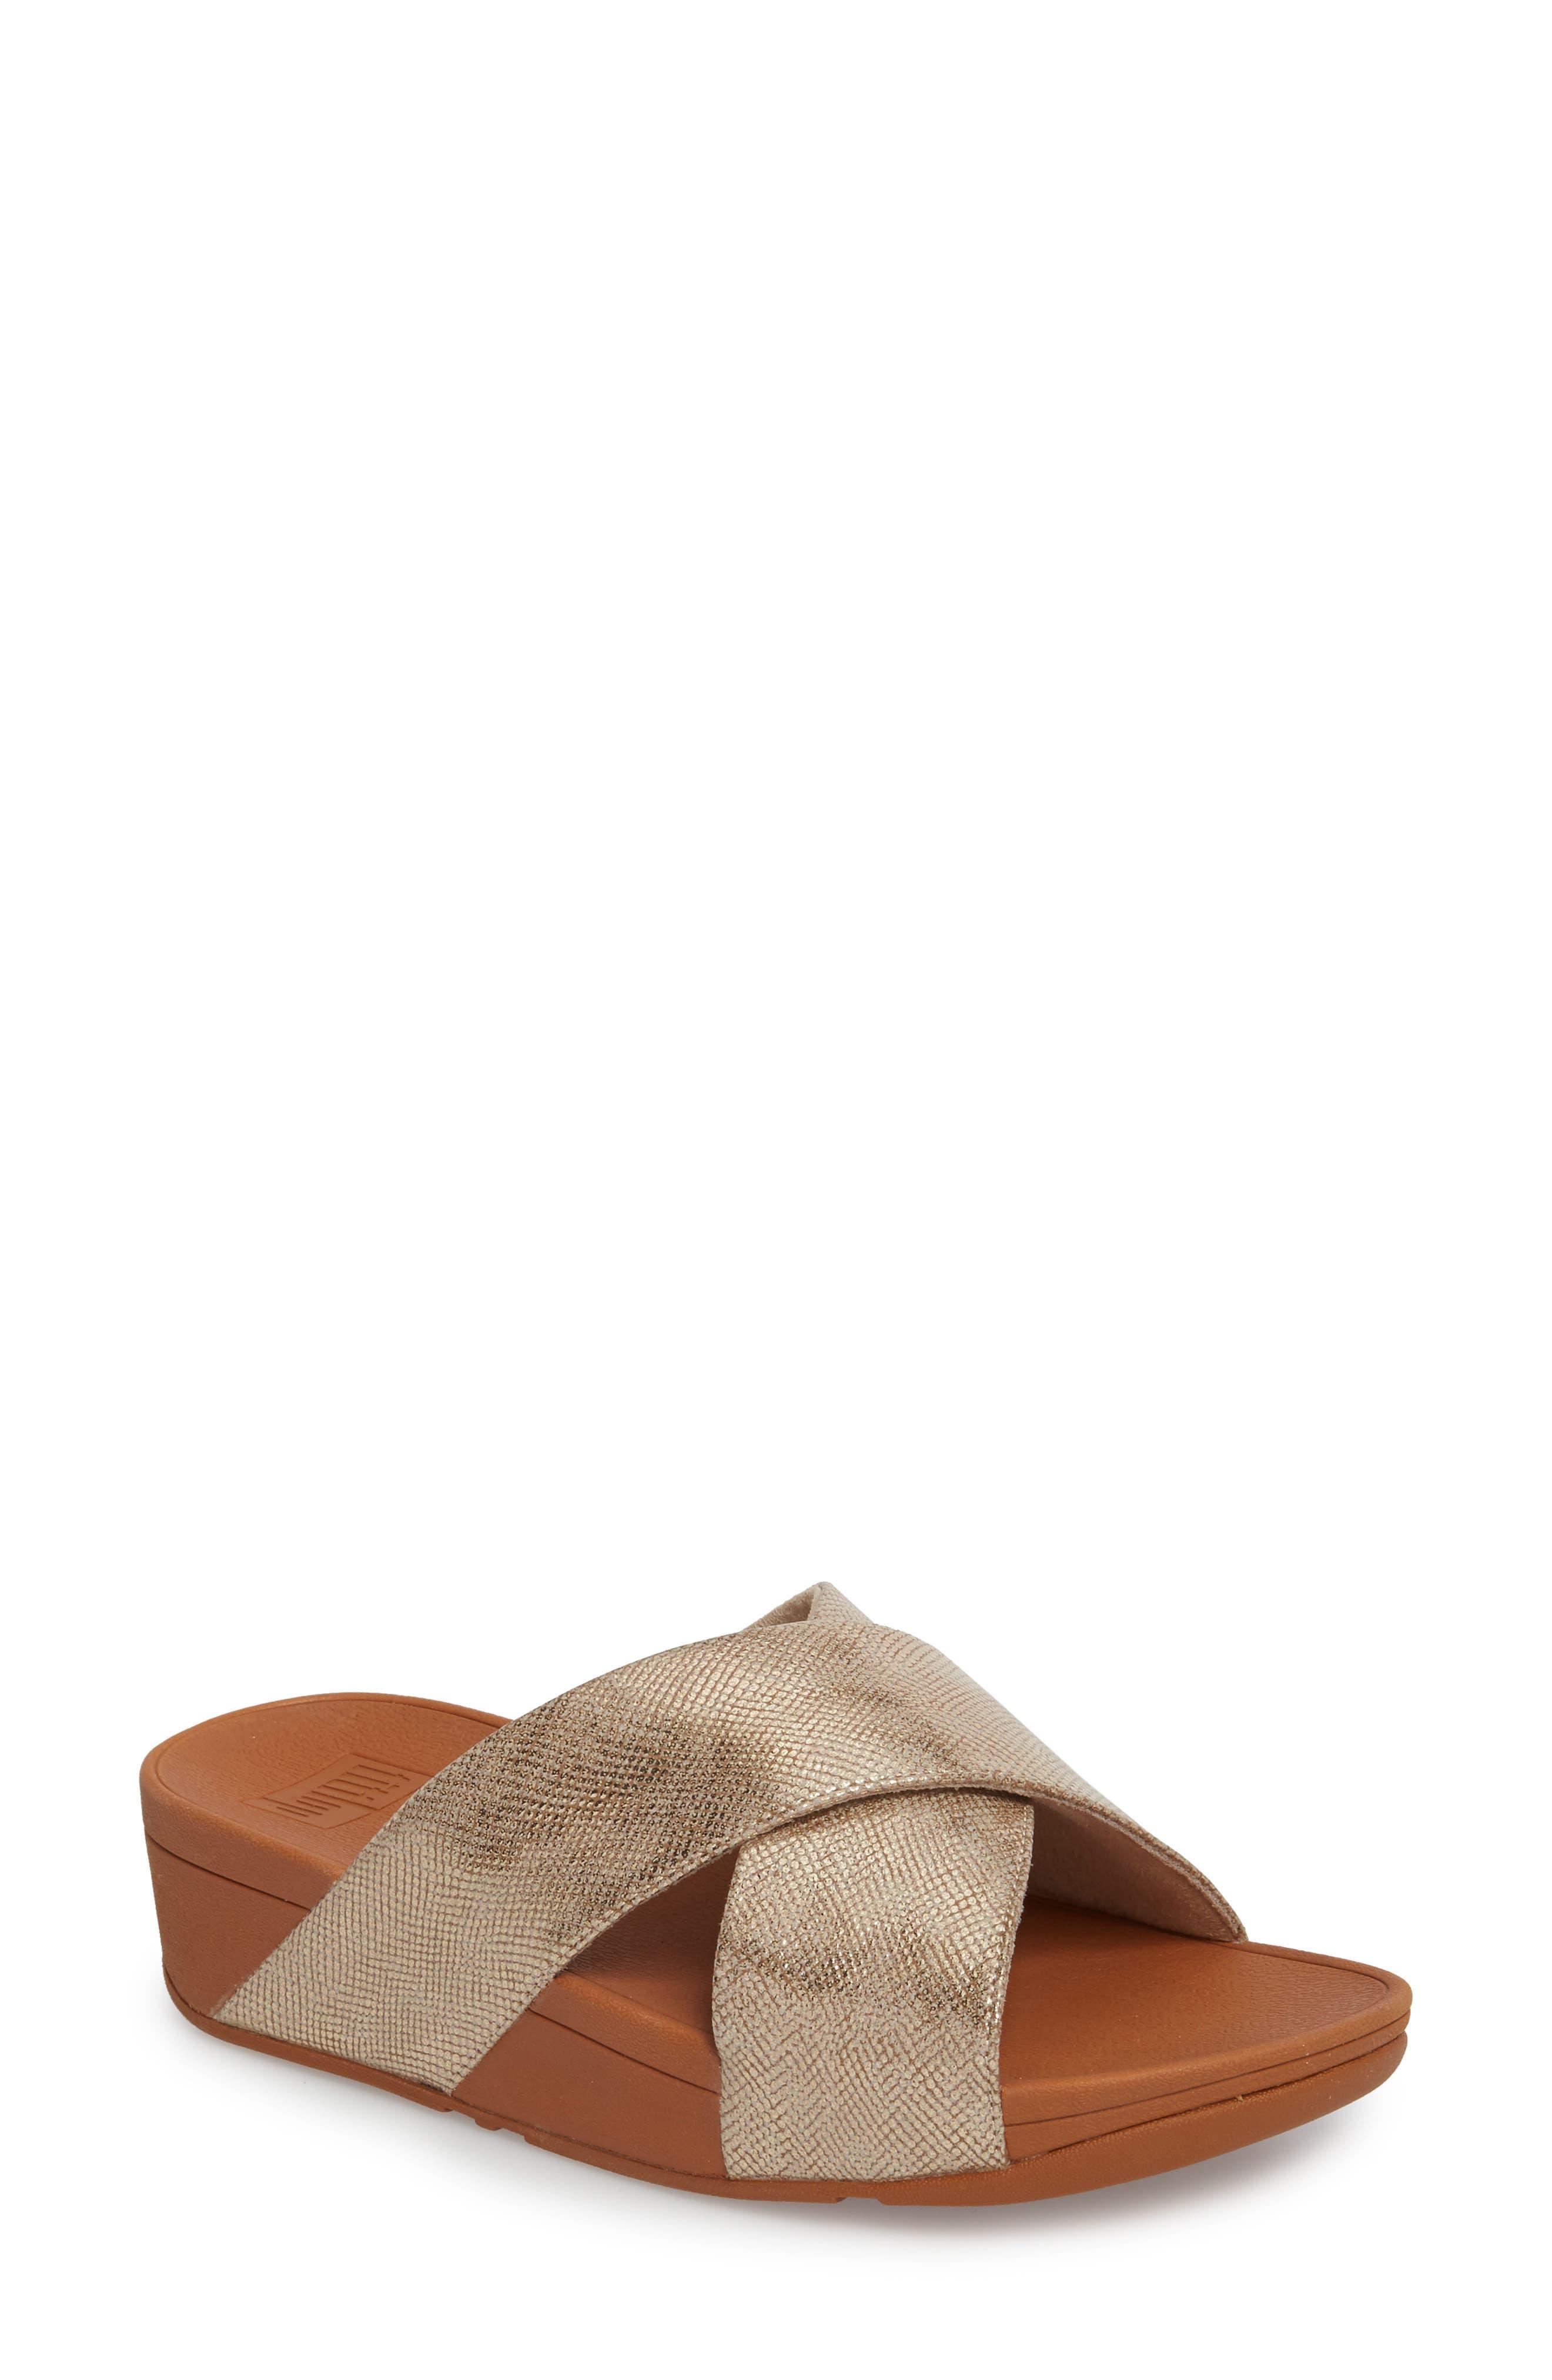 Fitflop Lulu Cross Slide Sandal, Metallic